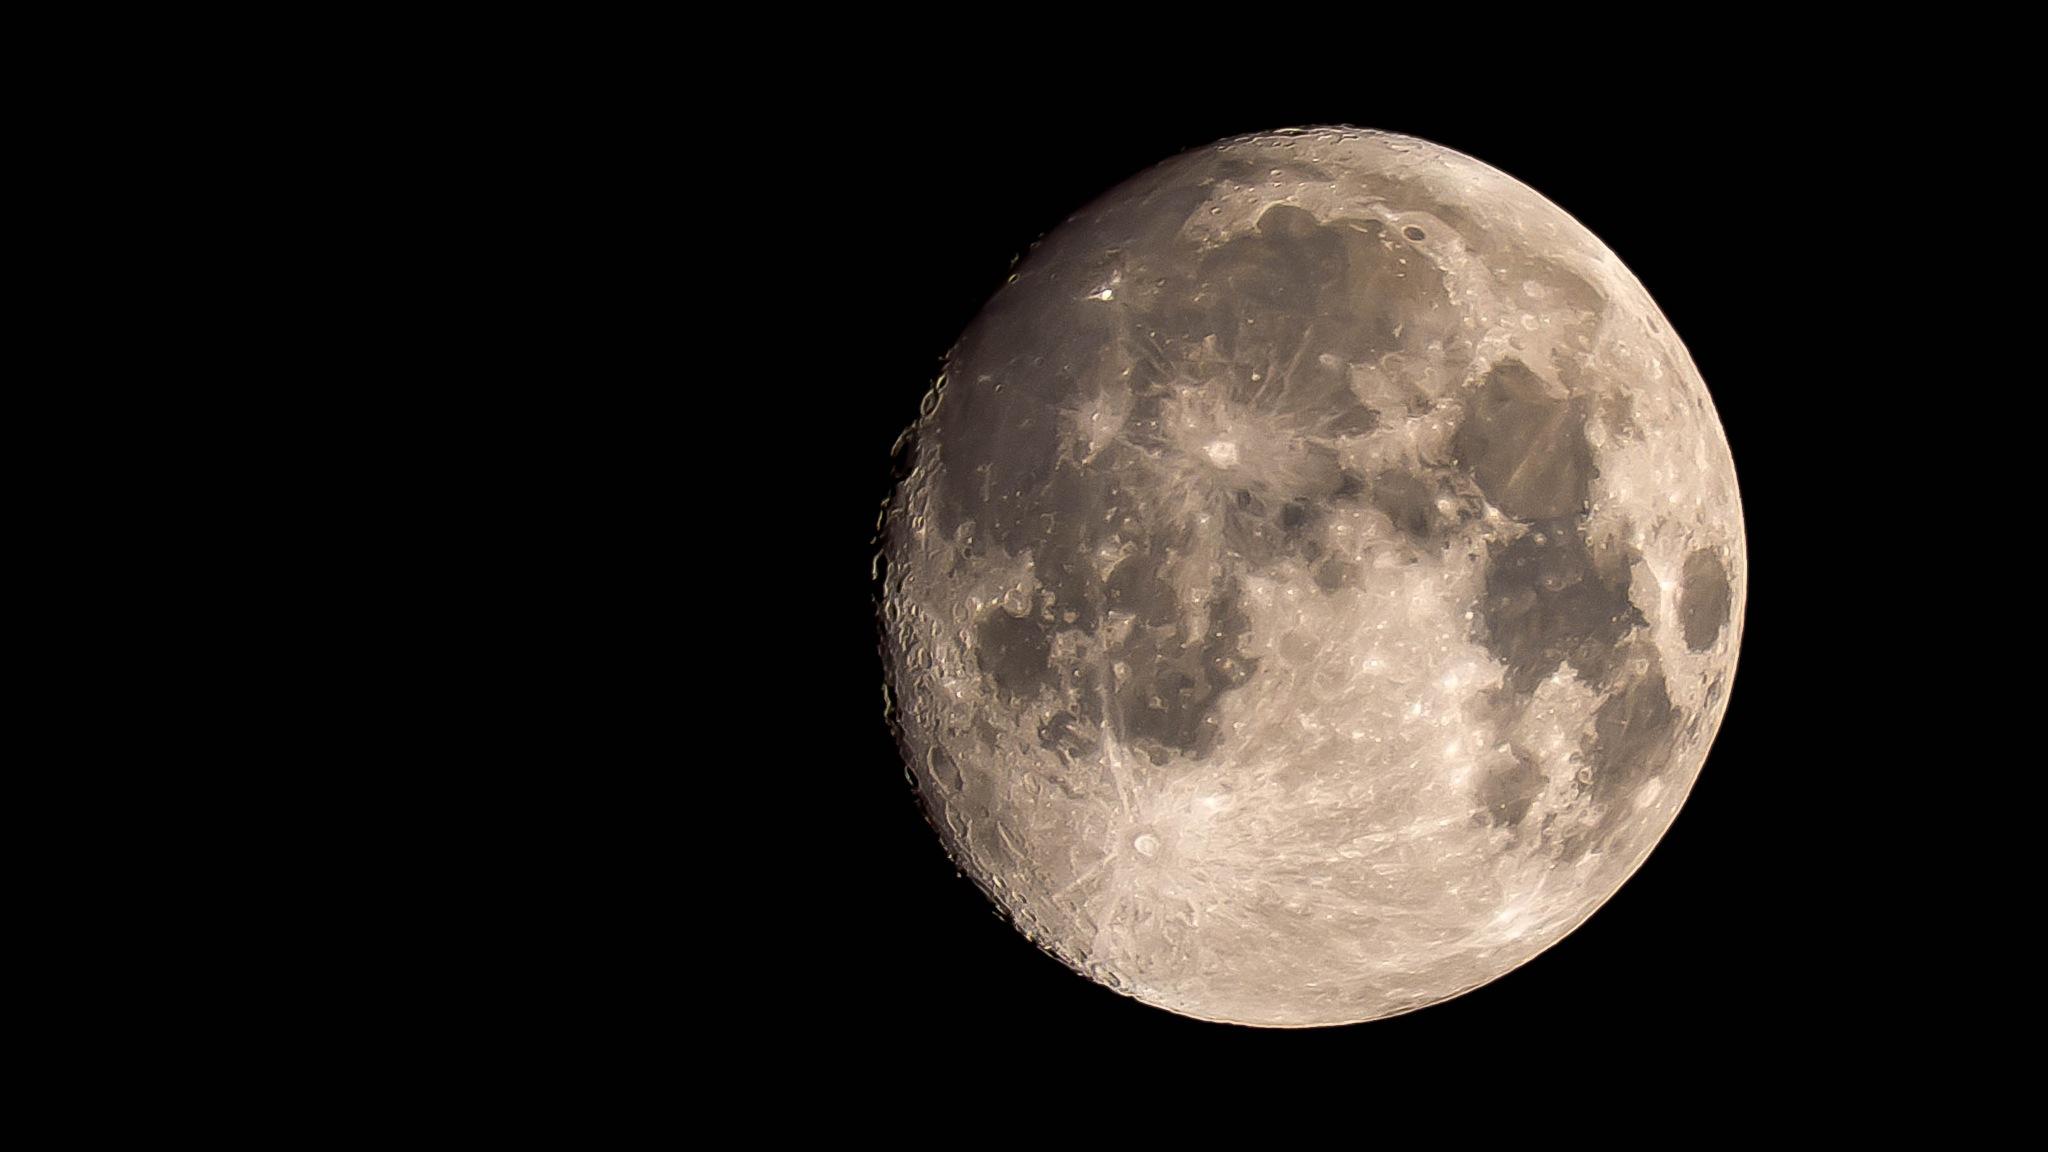 The Moon tonight in Borås by kent.otterdahl